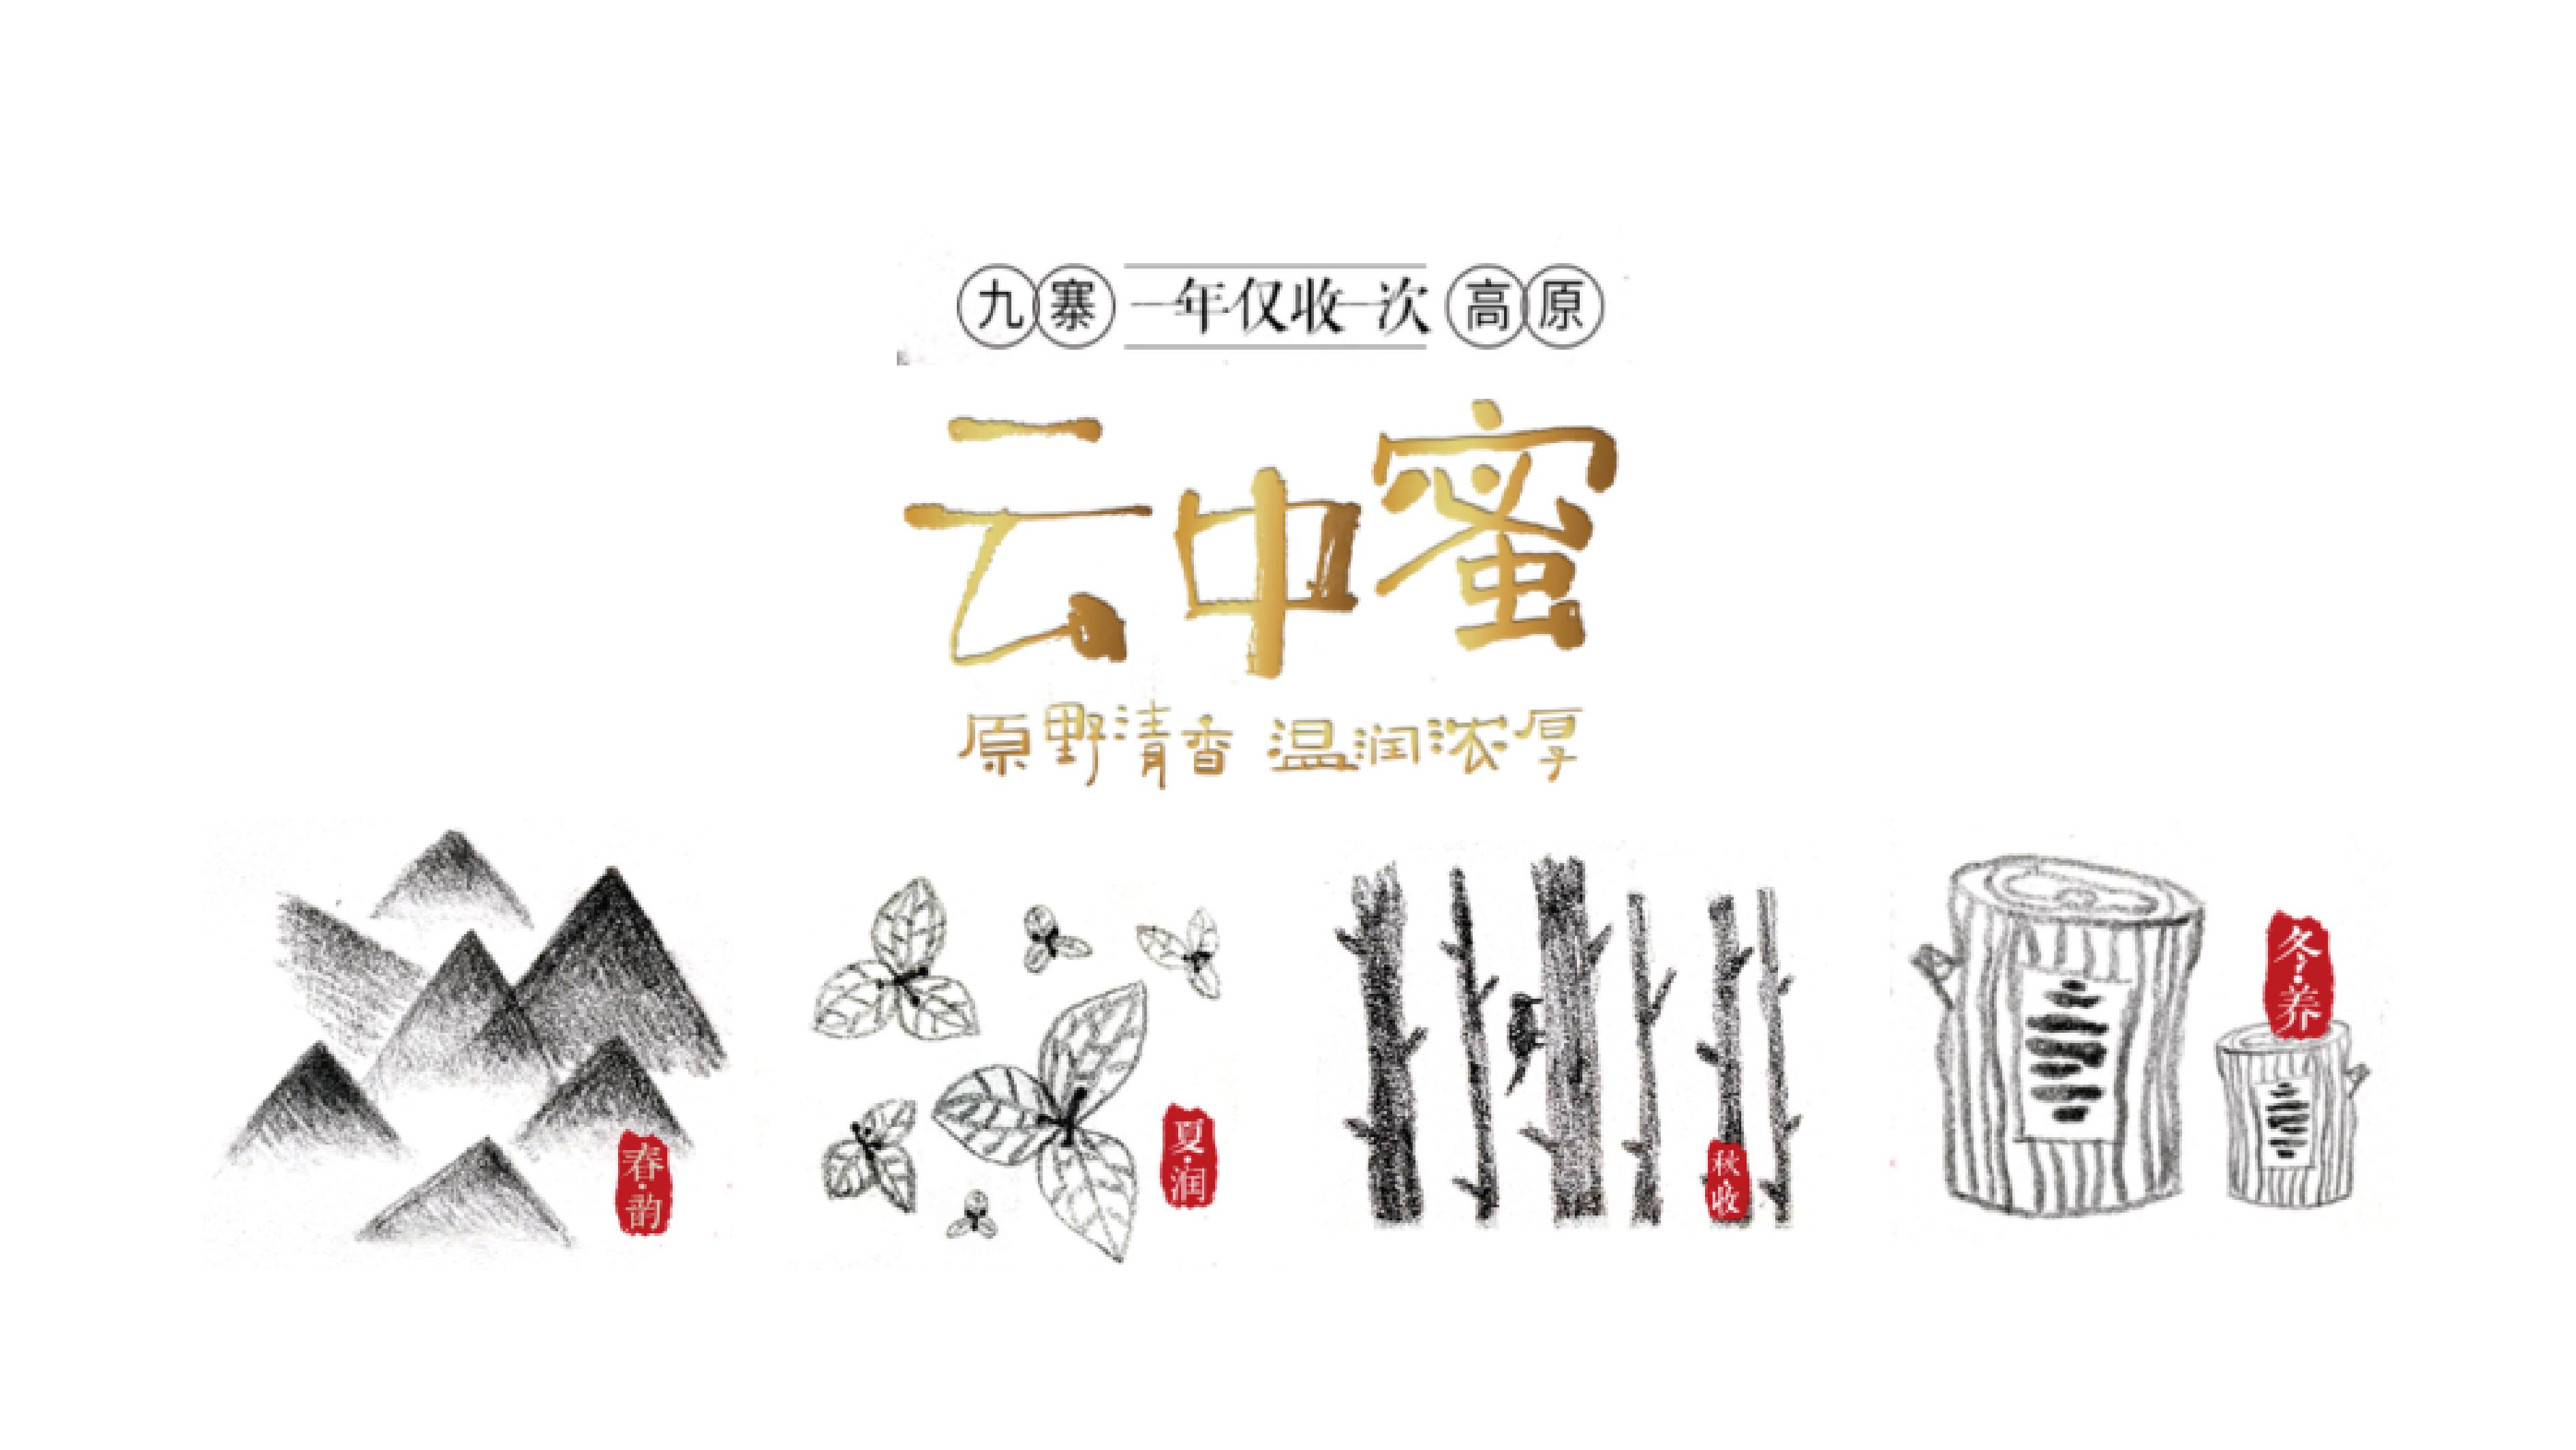 云中蜜-云中蜜-24